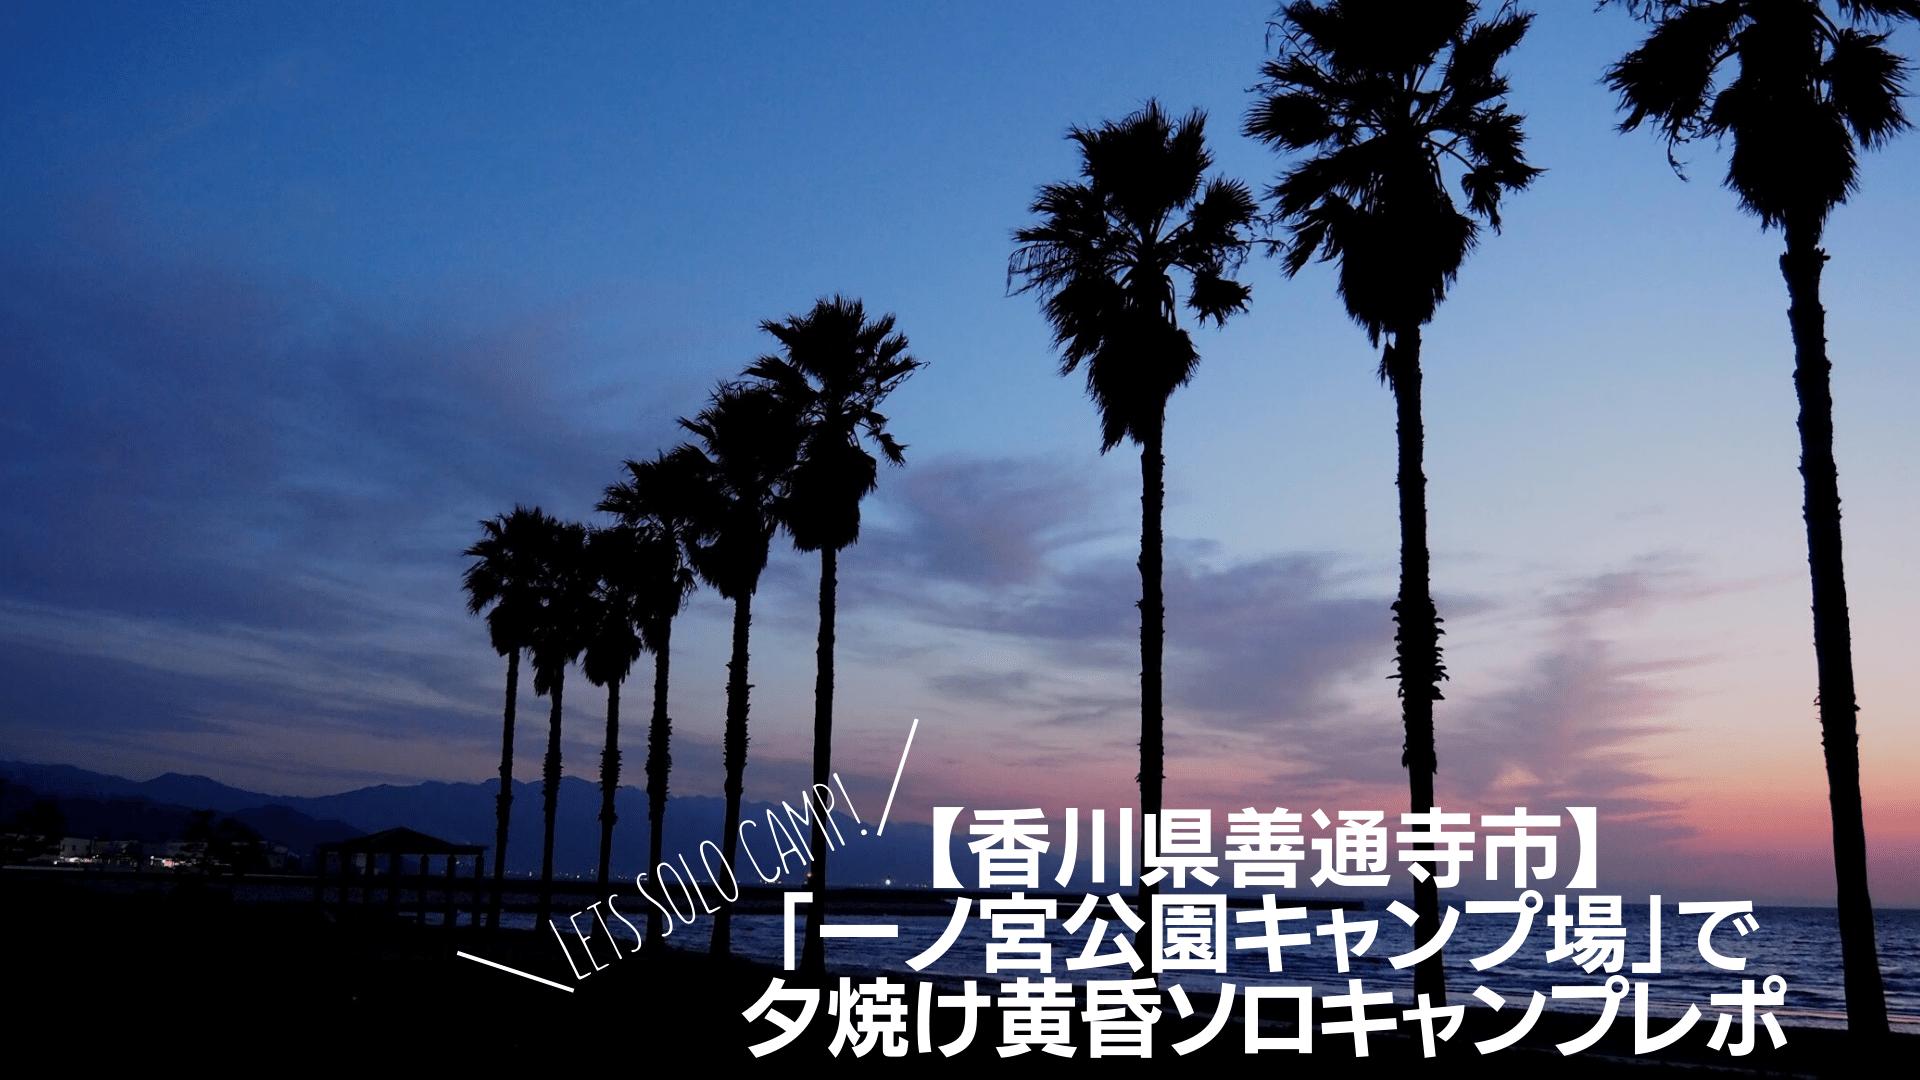 【香川県善通寺市】「一ノ宮公園キャンプ場」で夕焼け黄昏ソロキャンプレポ